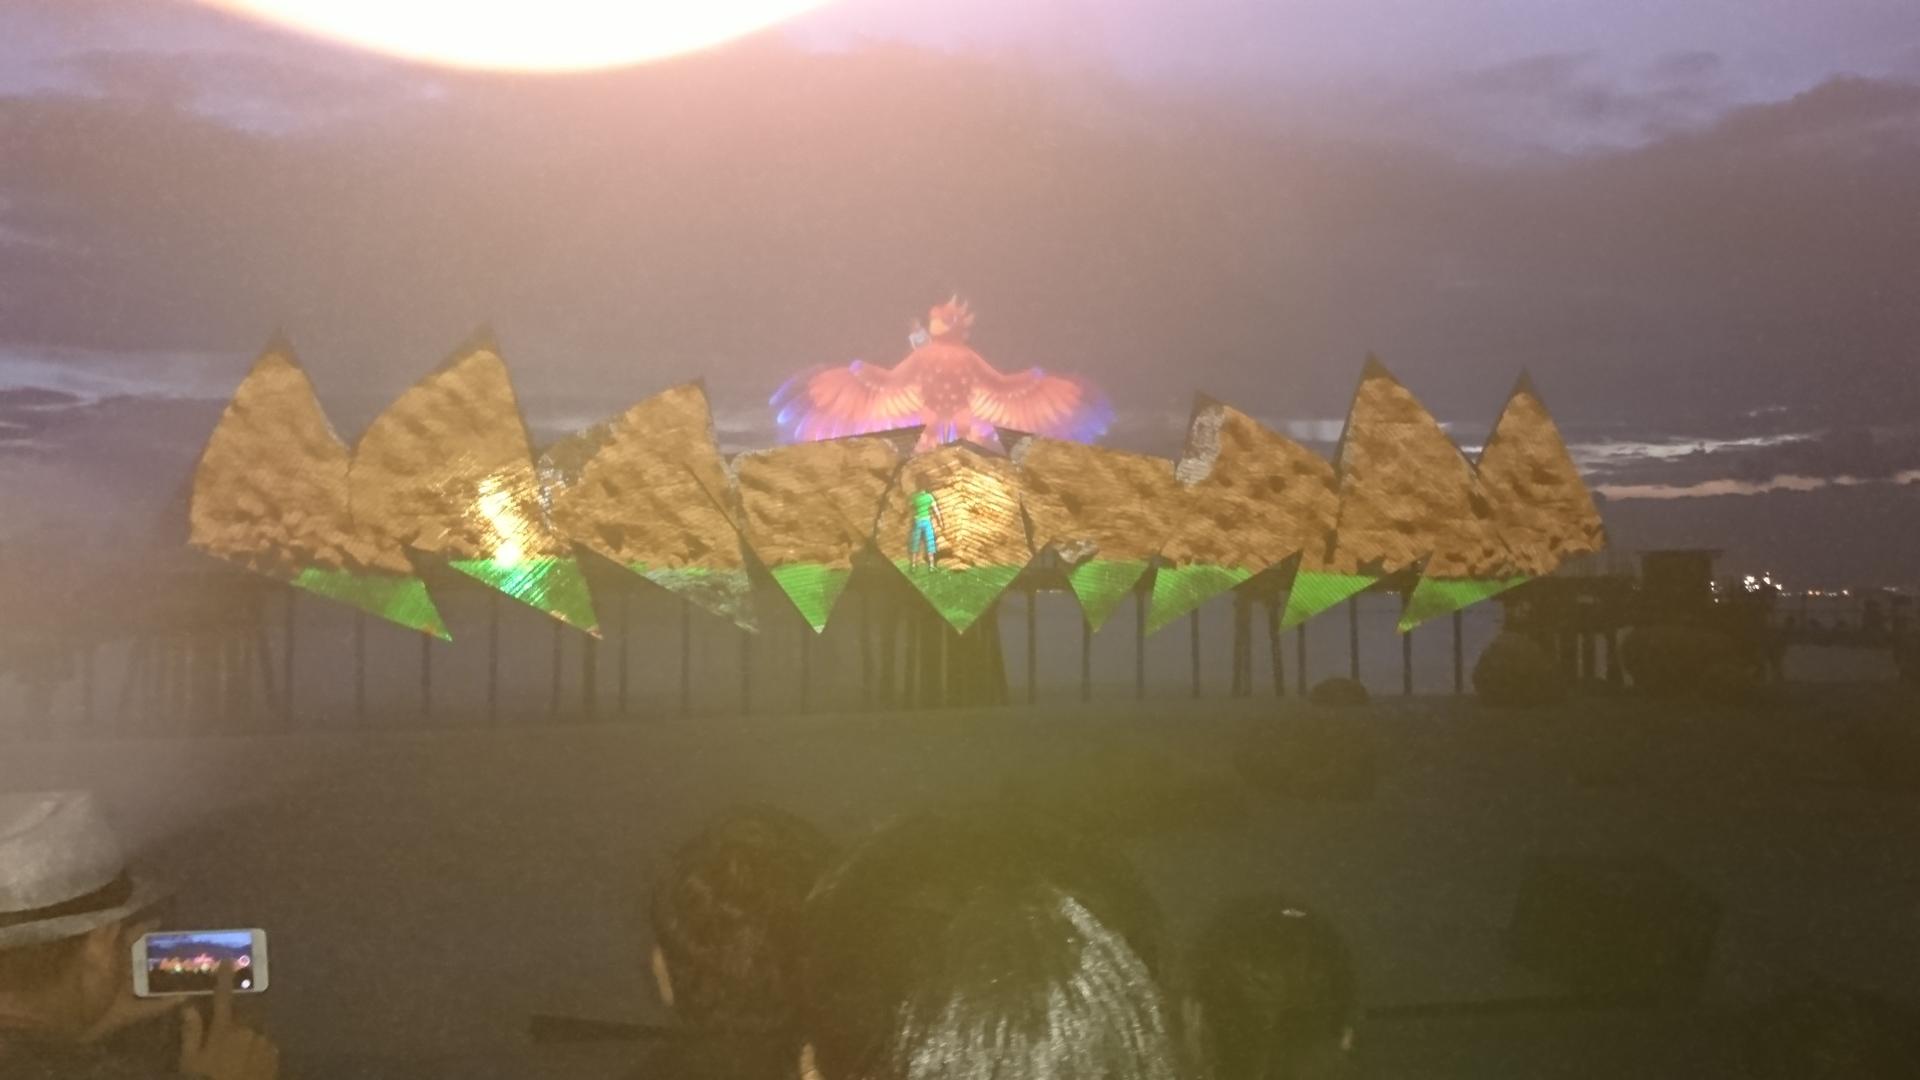 シーアクアリウムとマーライオンタワーからの景色綺麗でした。 ウイングスオブタイム、綺麗で迫力のあるショーを堪能しました。